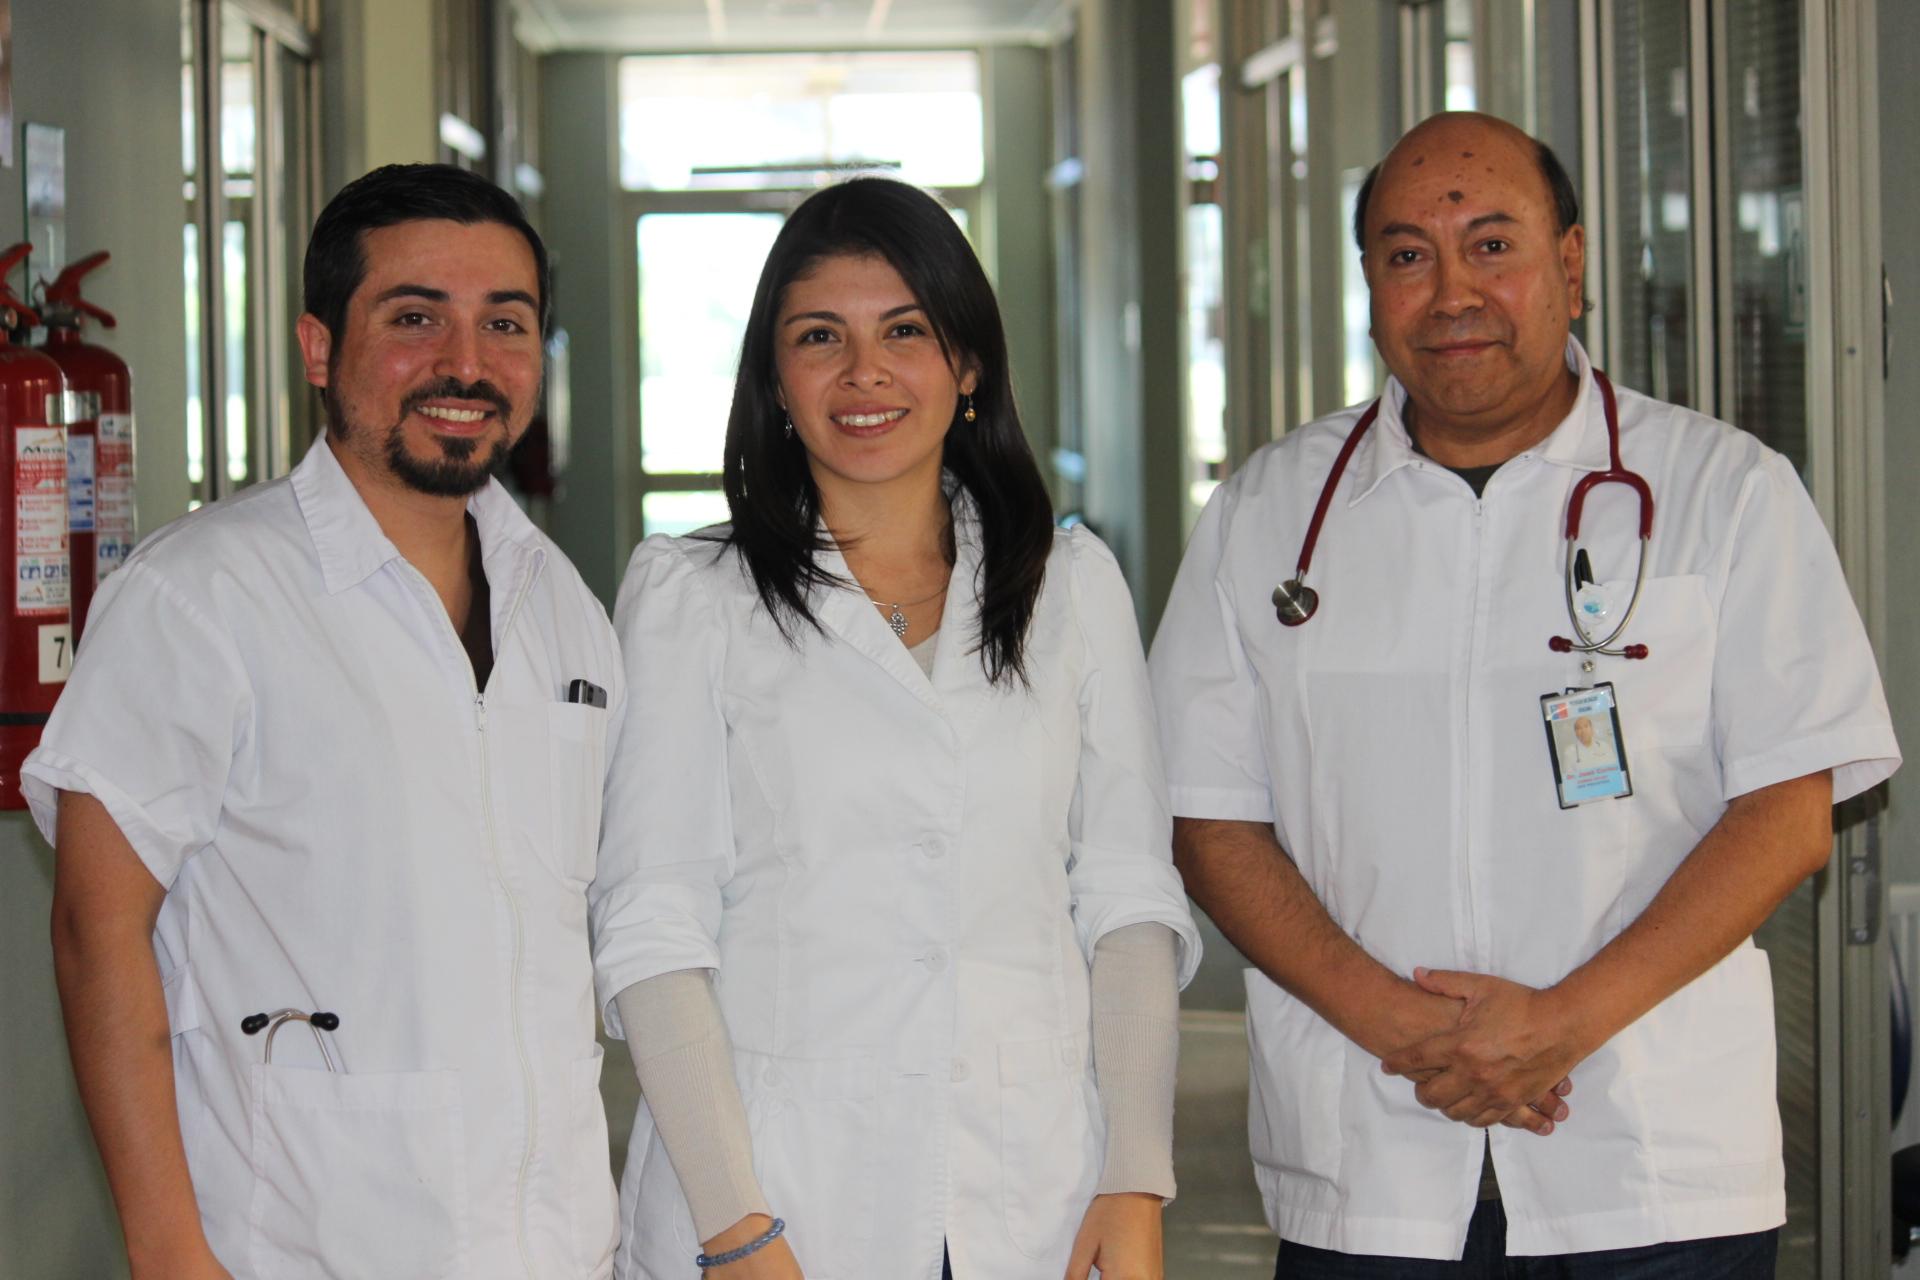 Nuevos especialistas se integran al Hospital Provincial del Huasco